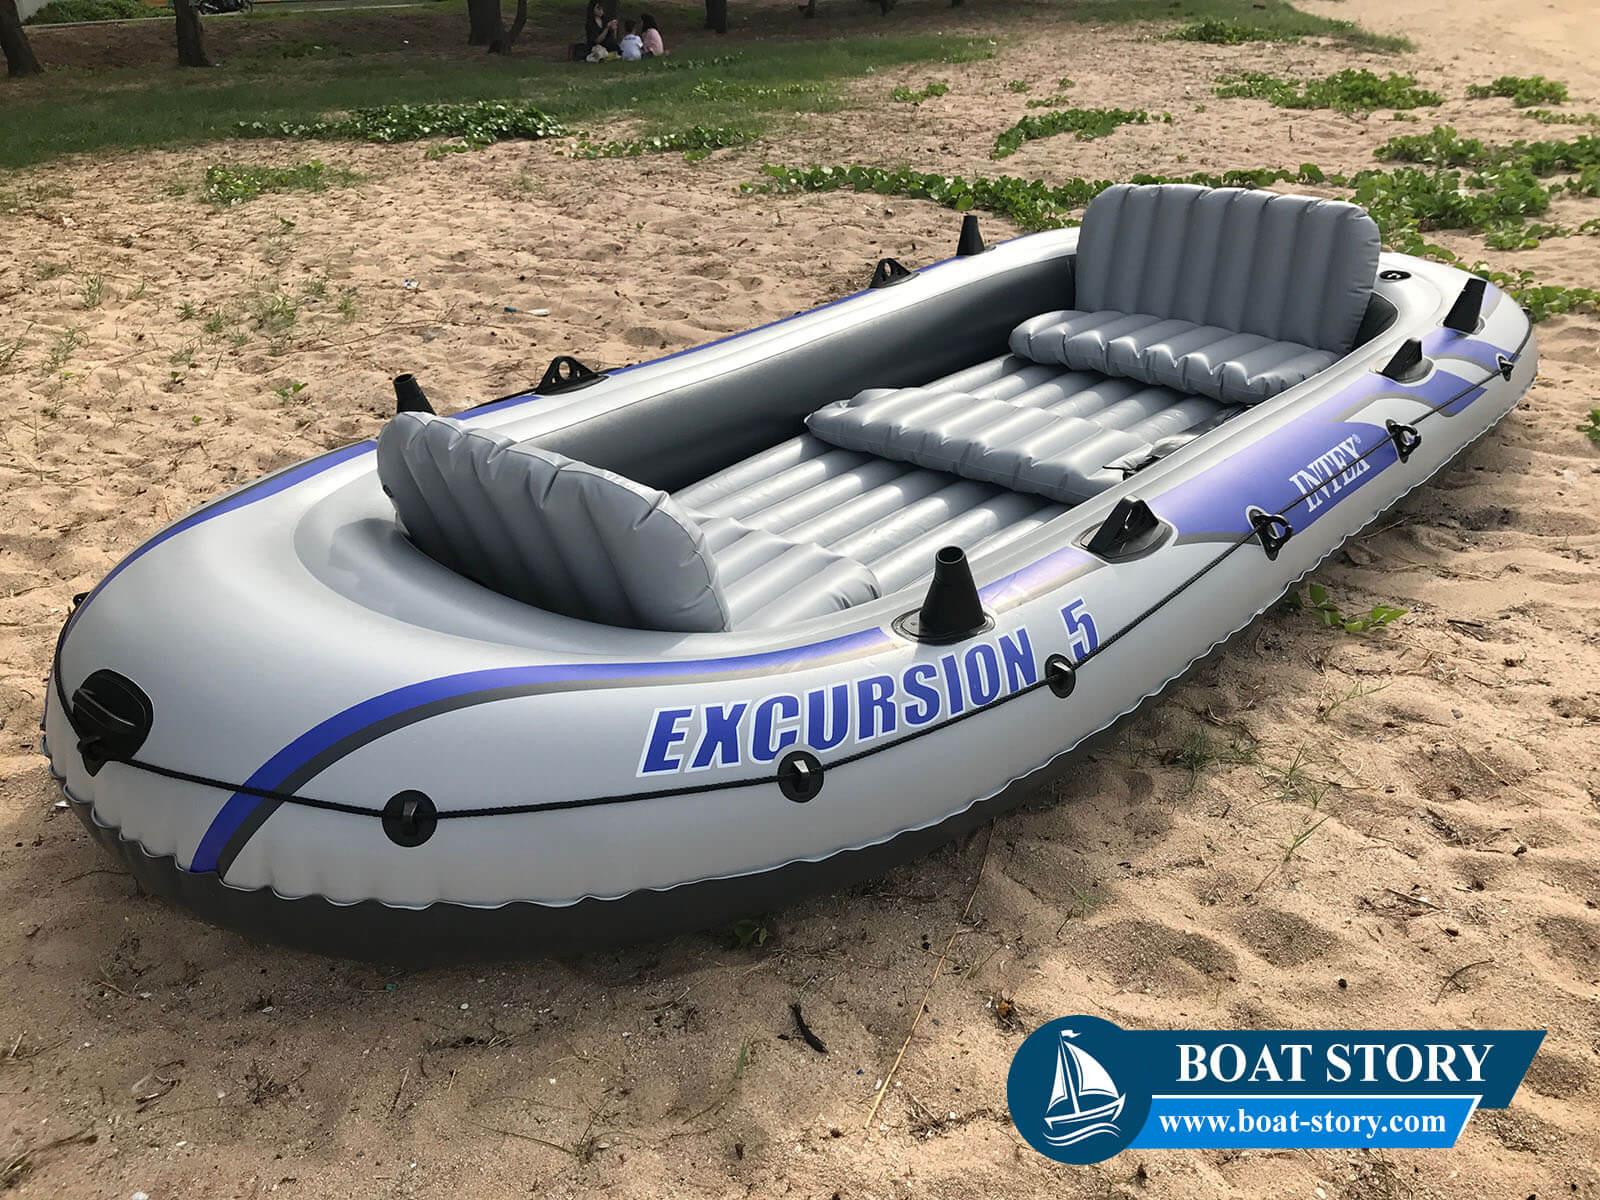 เรือยาง excursion 5 intex 098